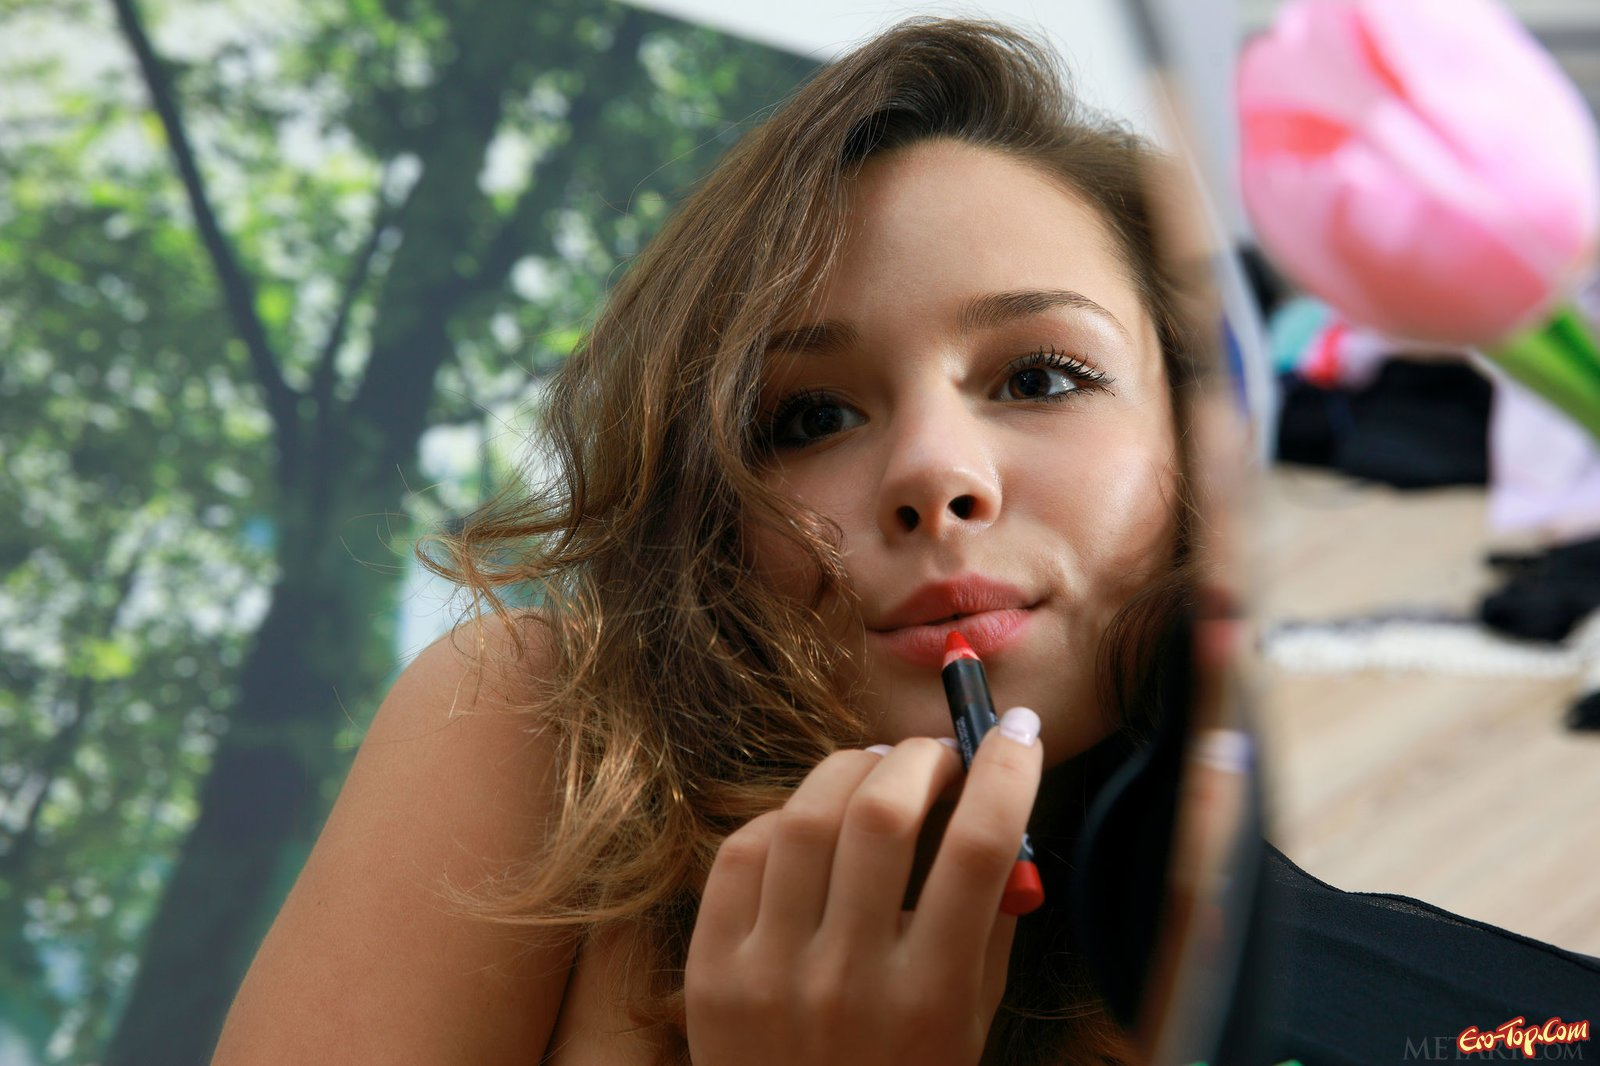 Голая девушка красится перед зеркалом